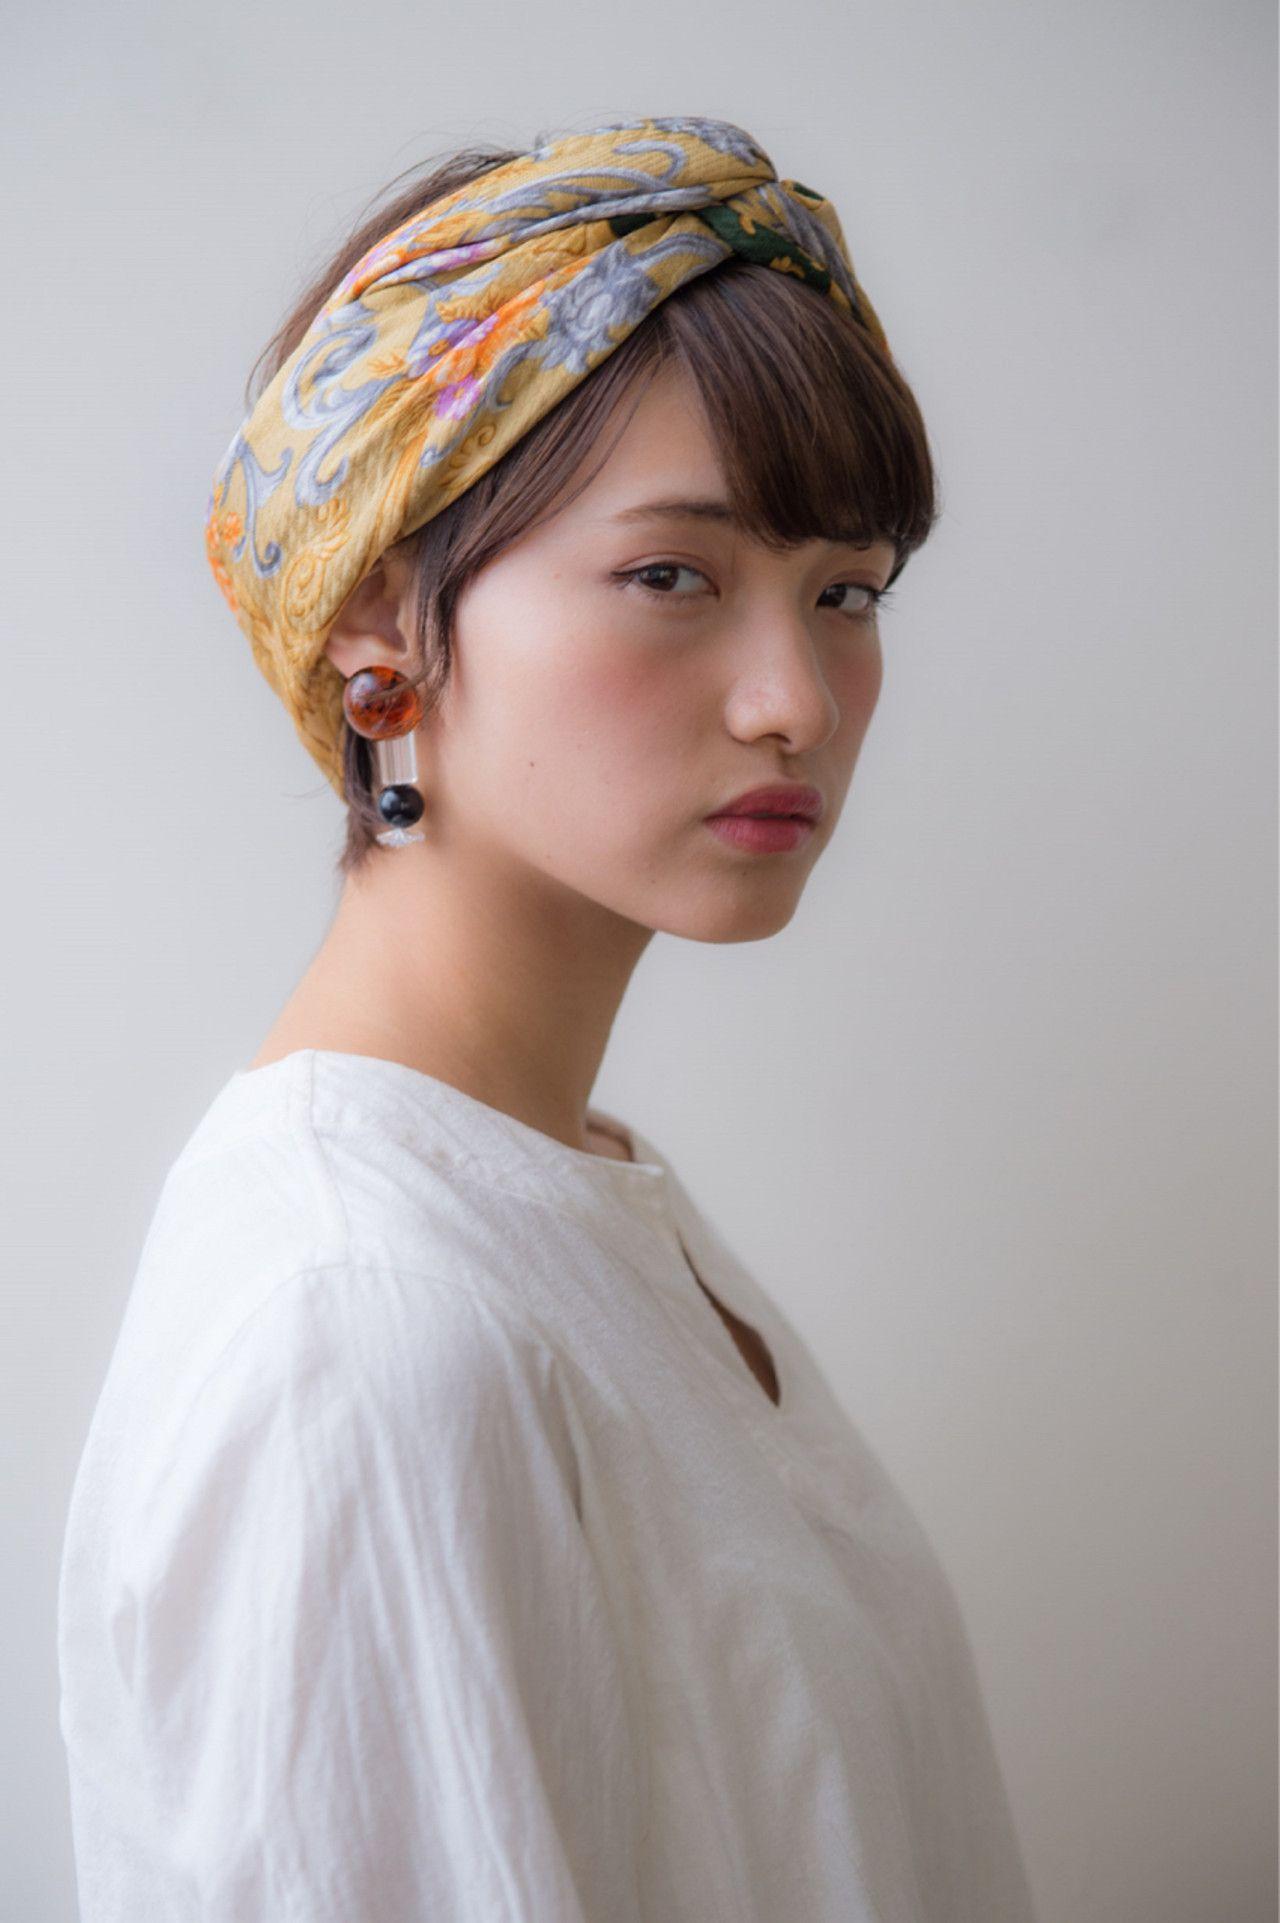 ショート ターバン で特別感あふれるヘアスタイルにトライ Hair